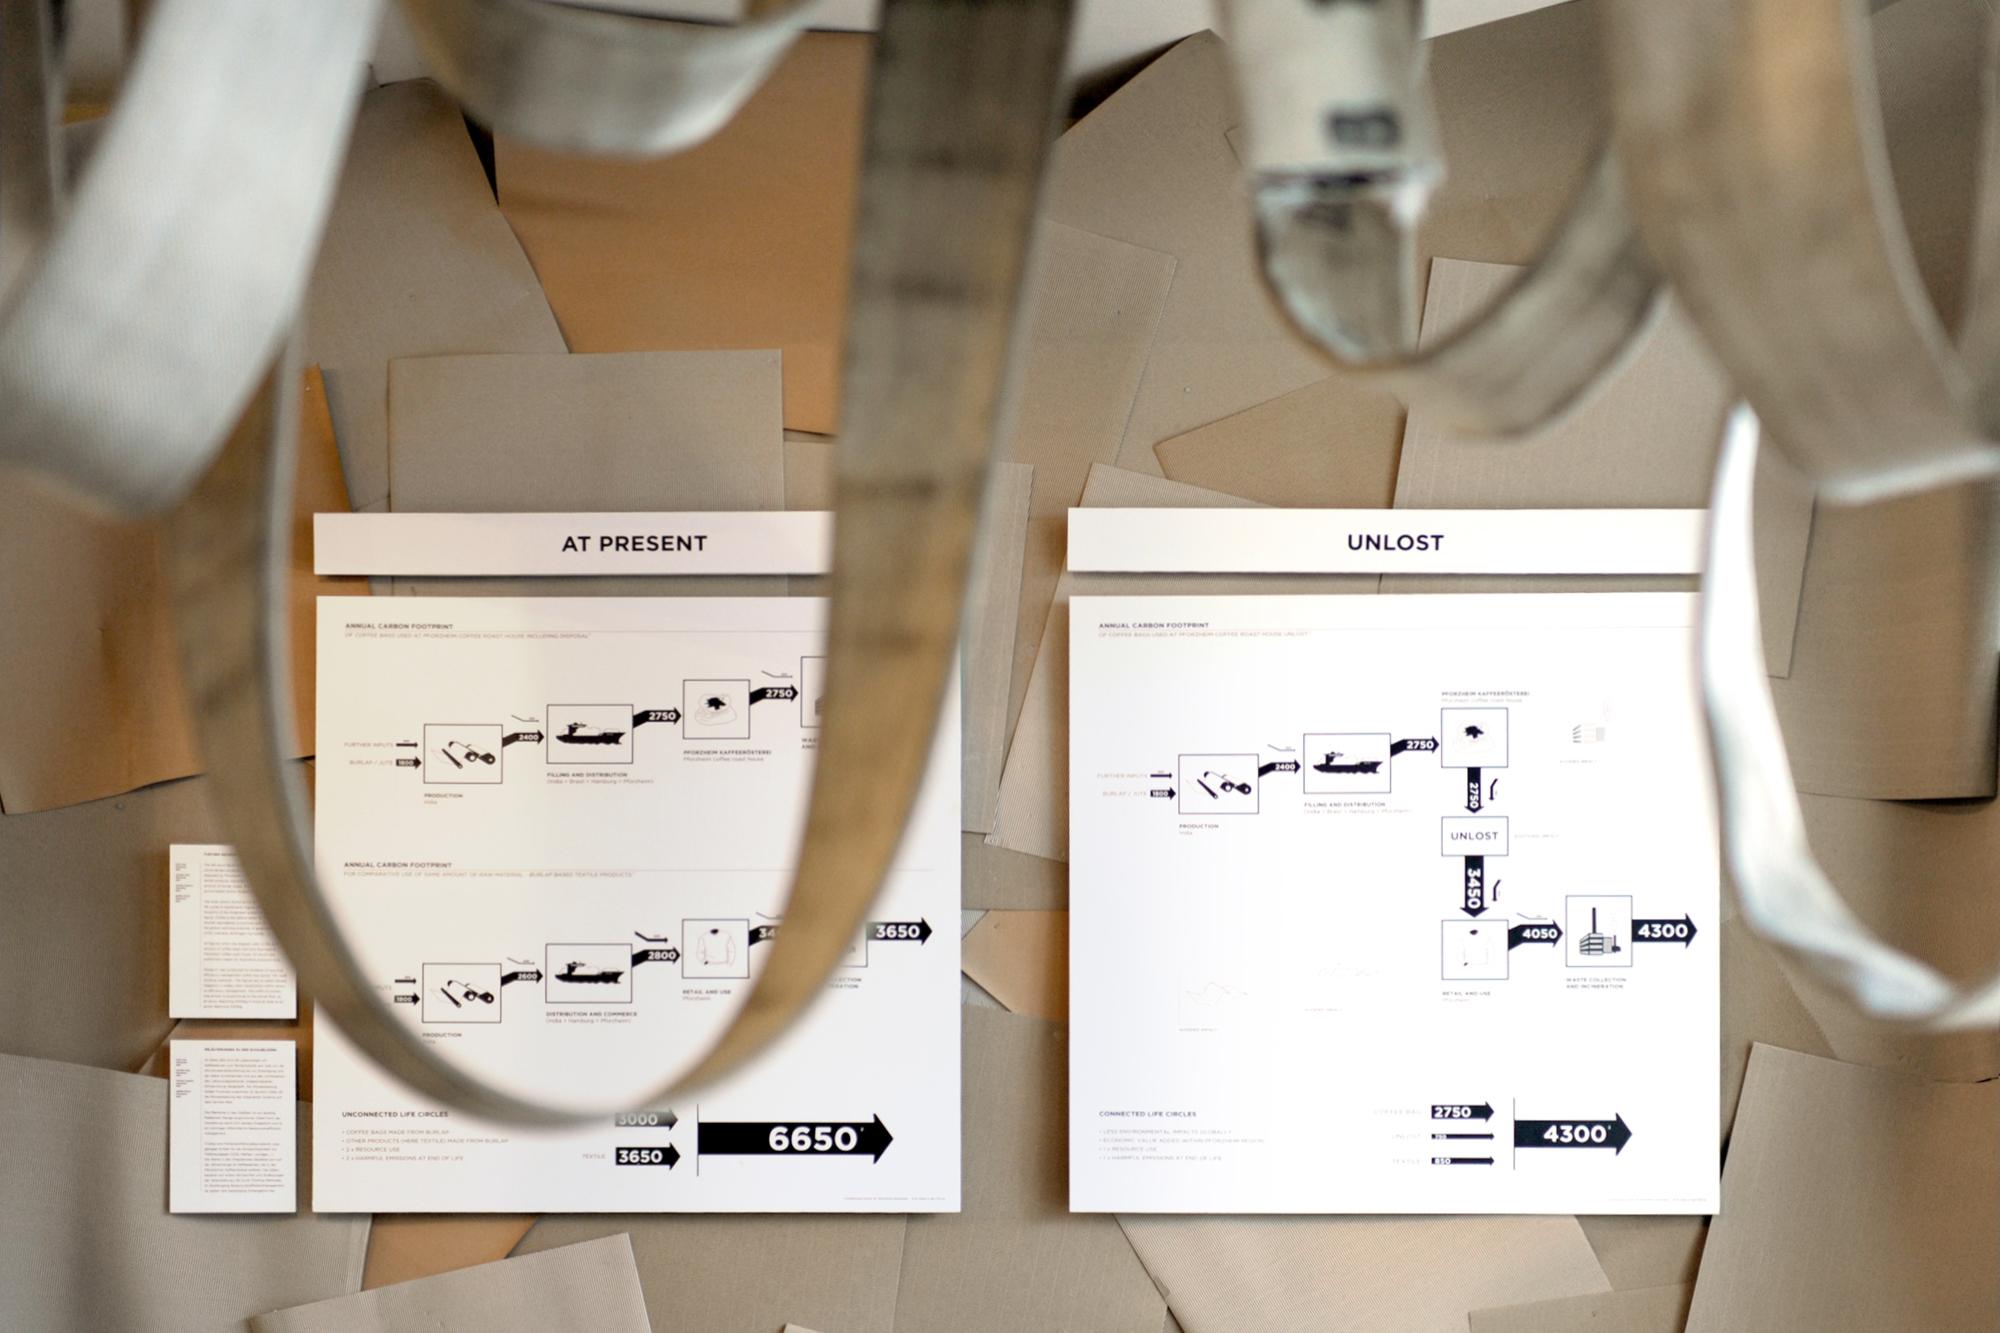 gerrit_schweiger-Young-European-Talents-Workshop-Exhibition-2013-Schaubild-Ressourcen-Effizienz-Management